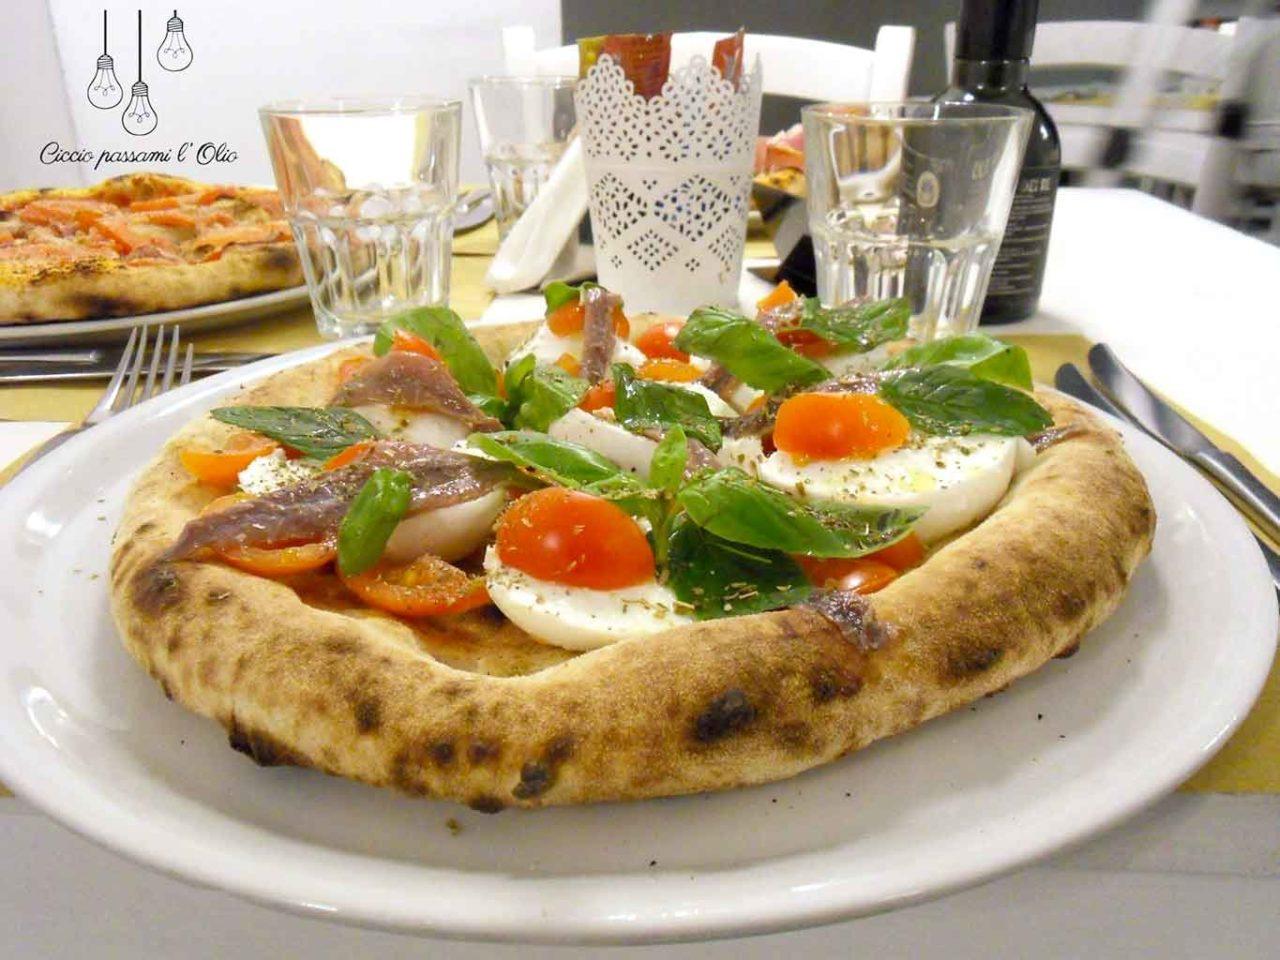 pizzerie di Palermo: Ciccio Passami l'Olio